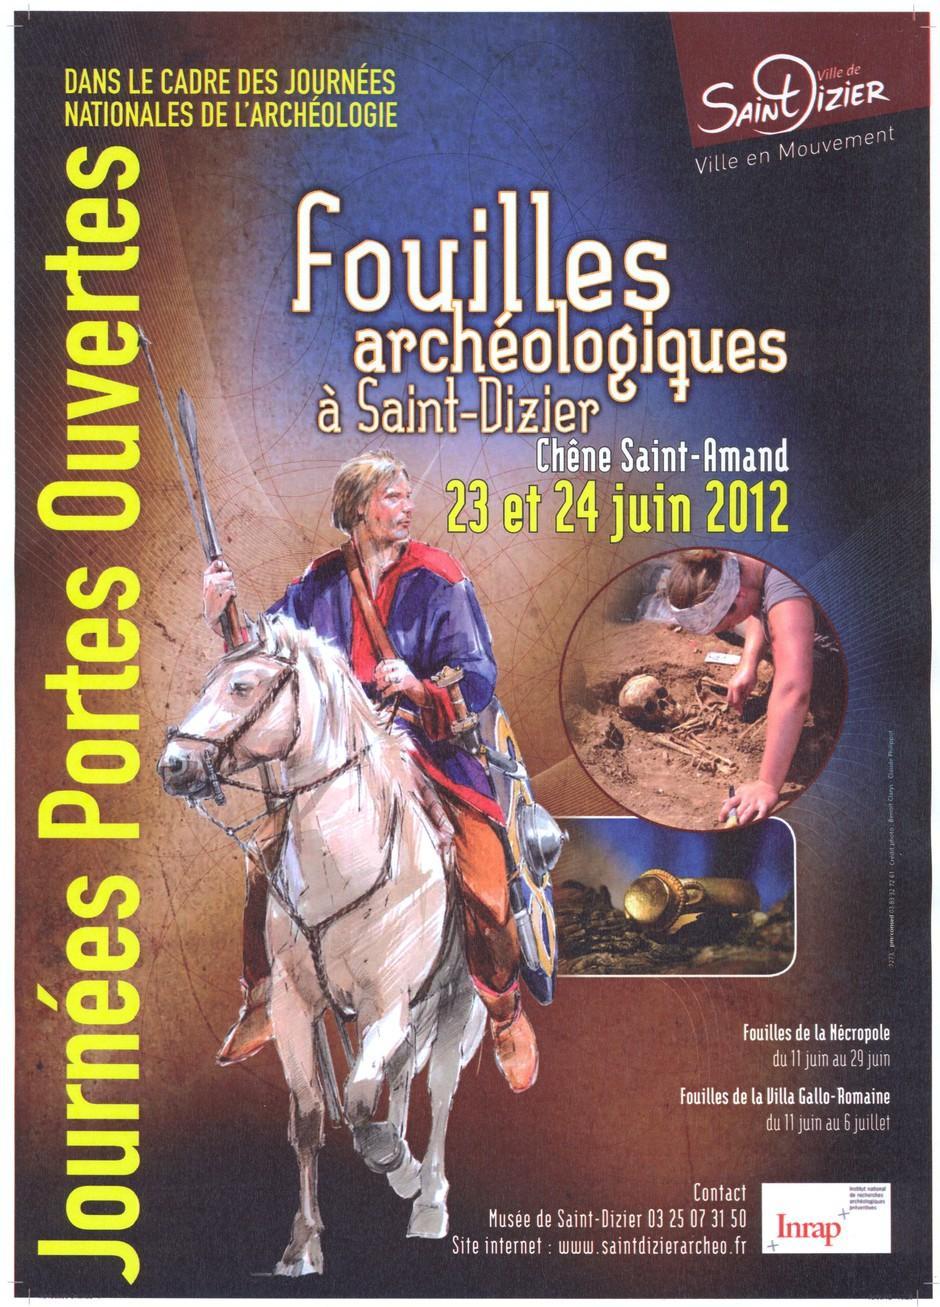 Affiche Journées portes ouvertes aux fouilles archéologiques à Saint-Dizier, le 23 et 24 juin 2012